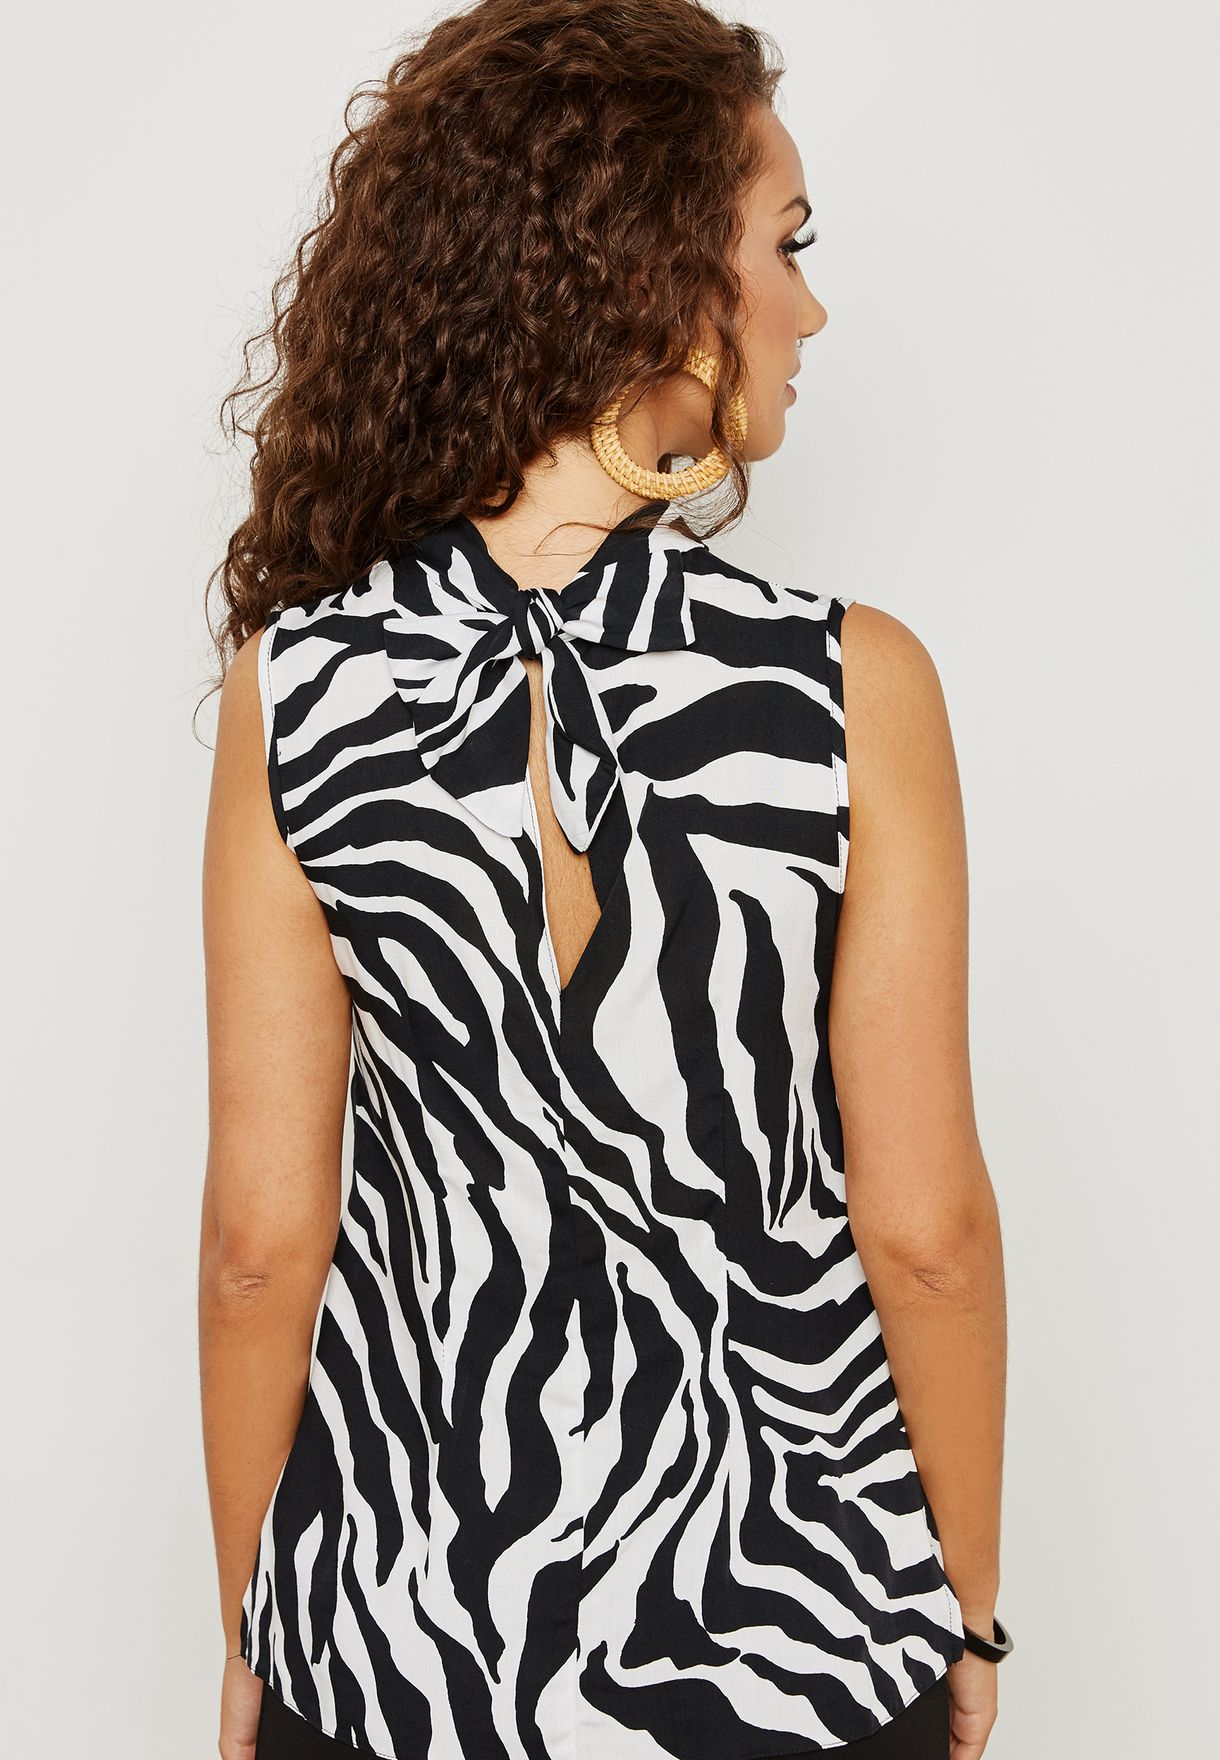 Zebra Print High Neck Top